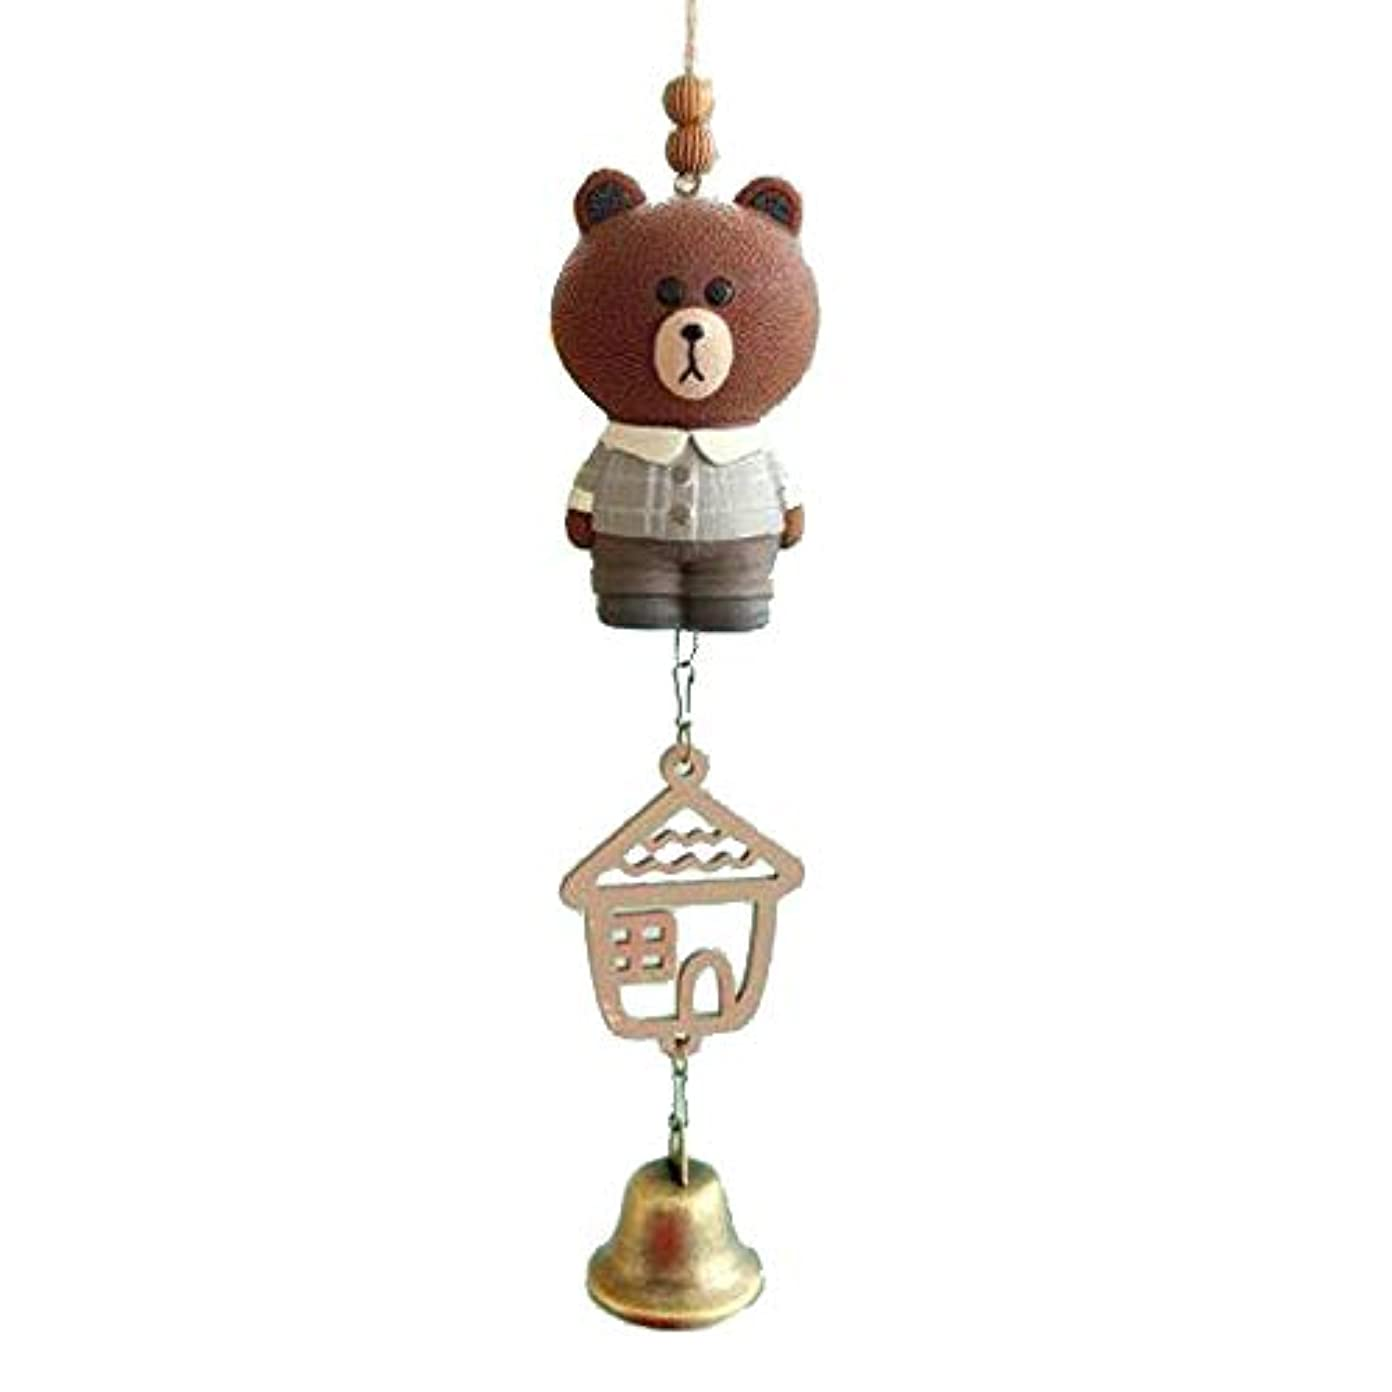 ギャロップ促進する木製Jingfengtongxun 風チャイム、クリエイティブかわいい動物風チャイム、ブラウン、サイズ22 * 5CM,スタイリッシュなホリデーギフト (Color : Brown)